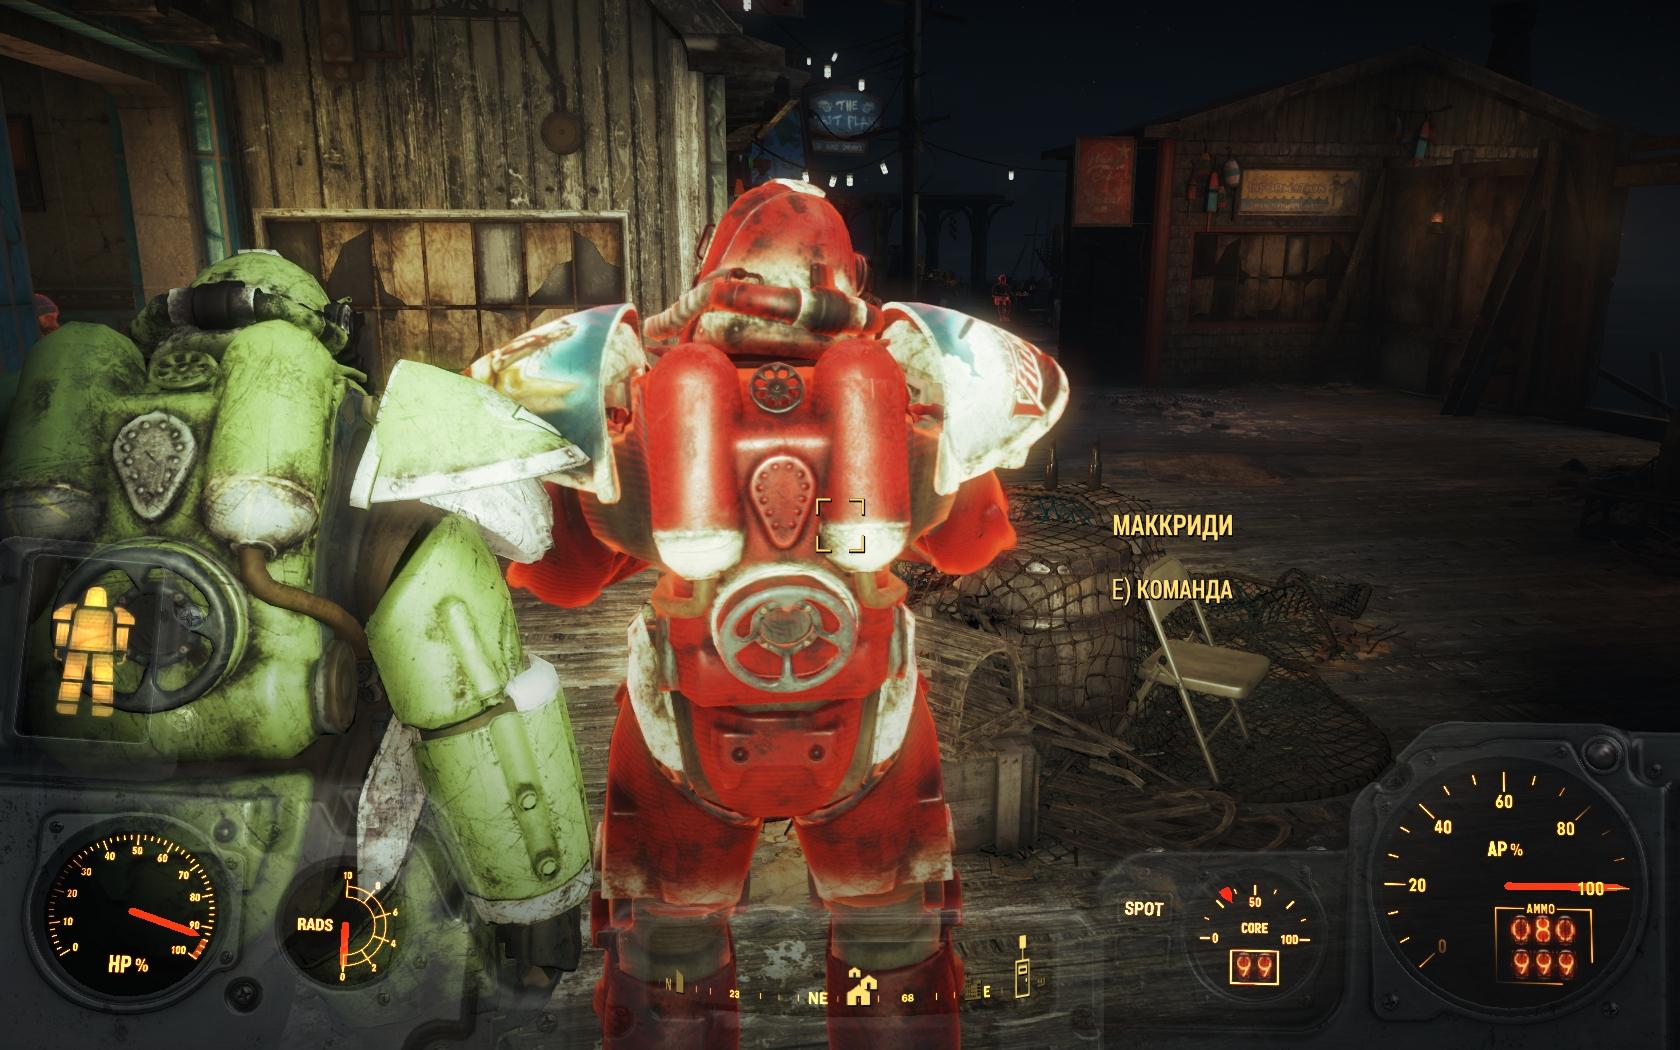 Маккриди не нужен ядерный блок для силовой брони - по команде и так залез - Fallout 4 Маккриди, силовая броня